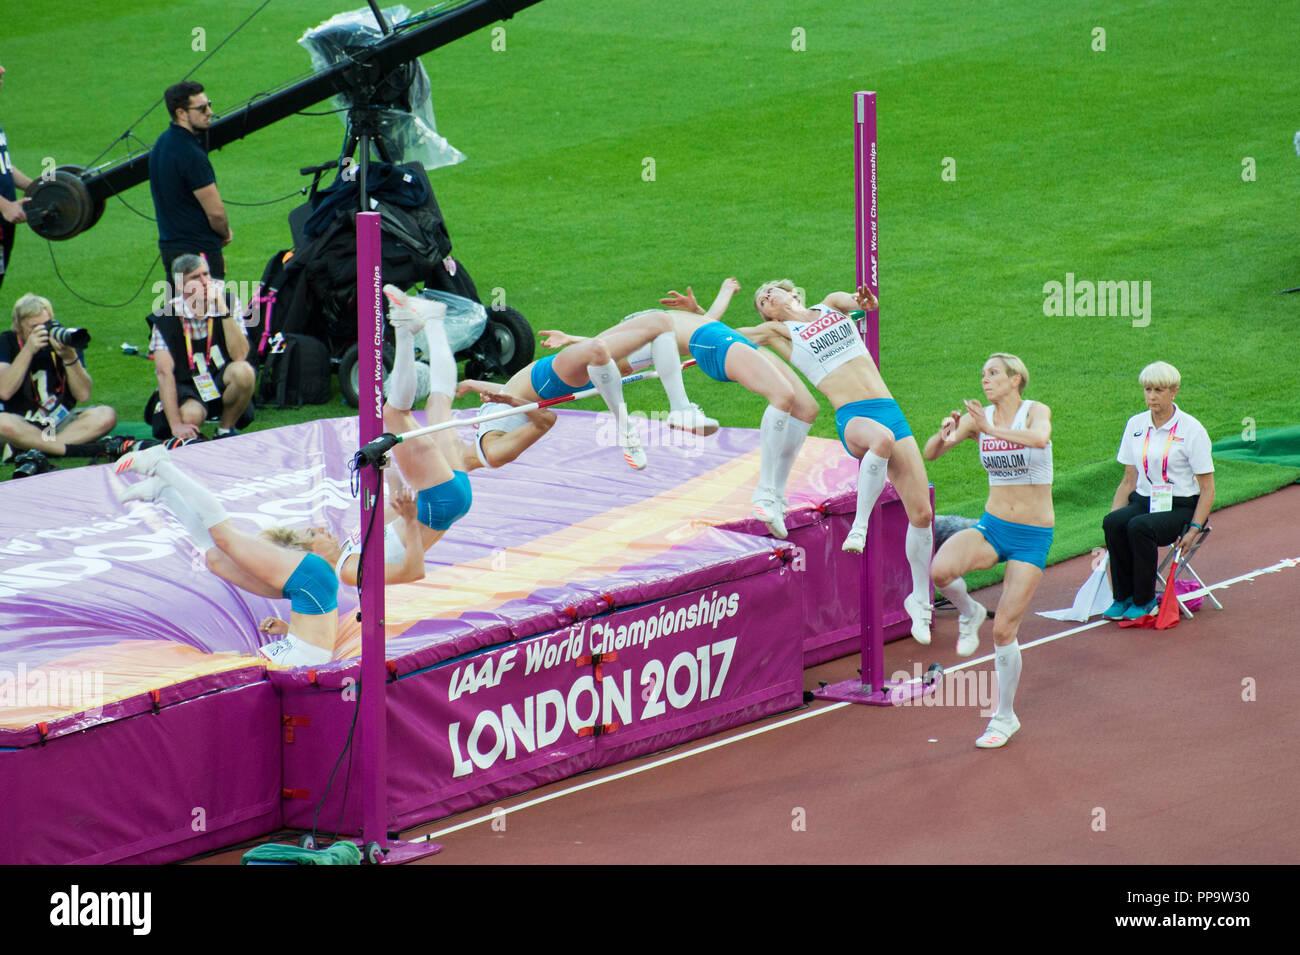 Zeitrafferaufnahmen hoch springen an der London 2017 Leichtathletik-Weltmeisterschaft Stockbild